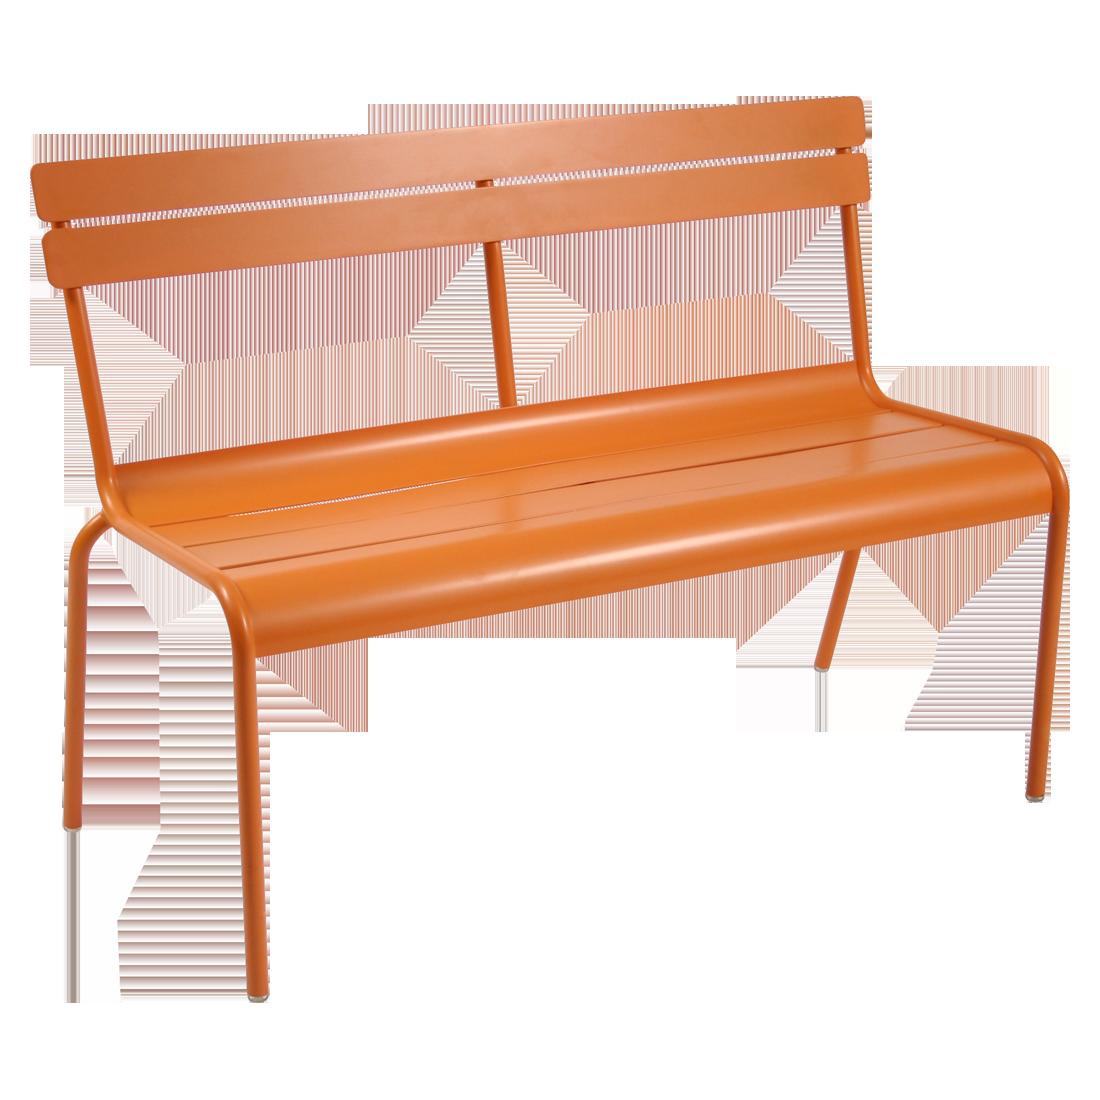 banc avec dossier luxembourg de fermob carotte. Black Bedroom Furniture Sets. Home Design Ideas